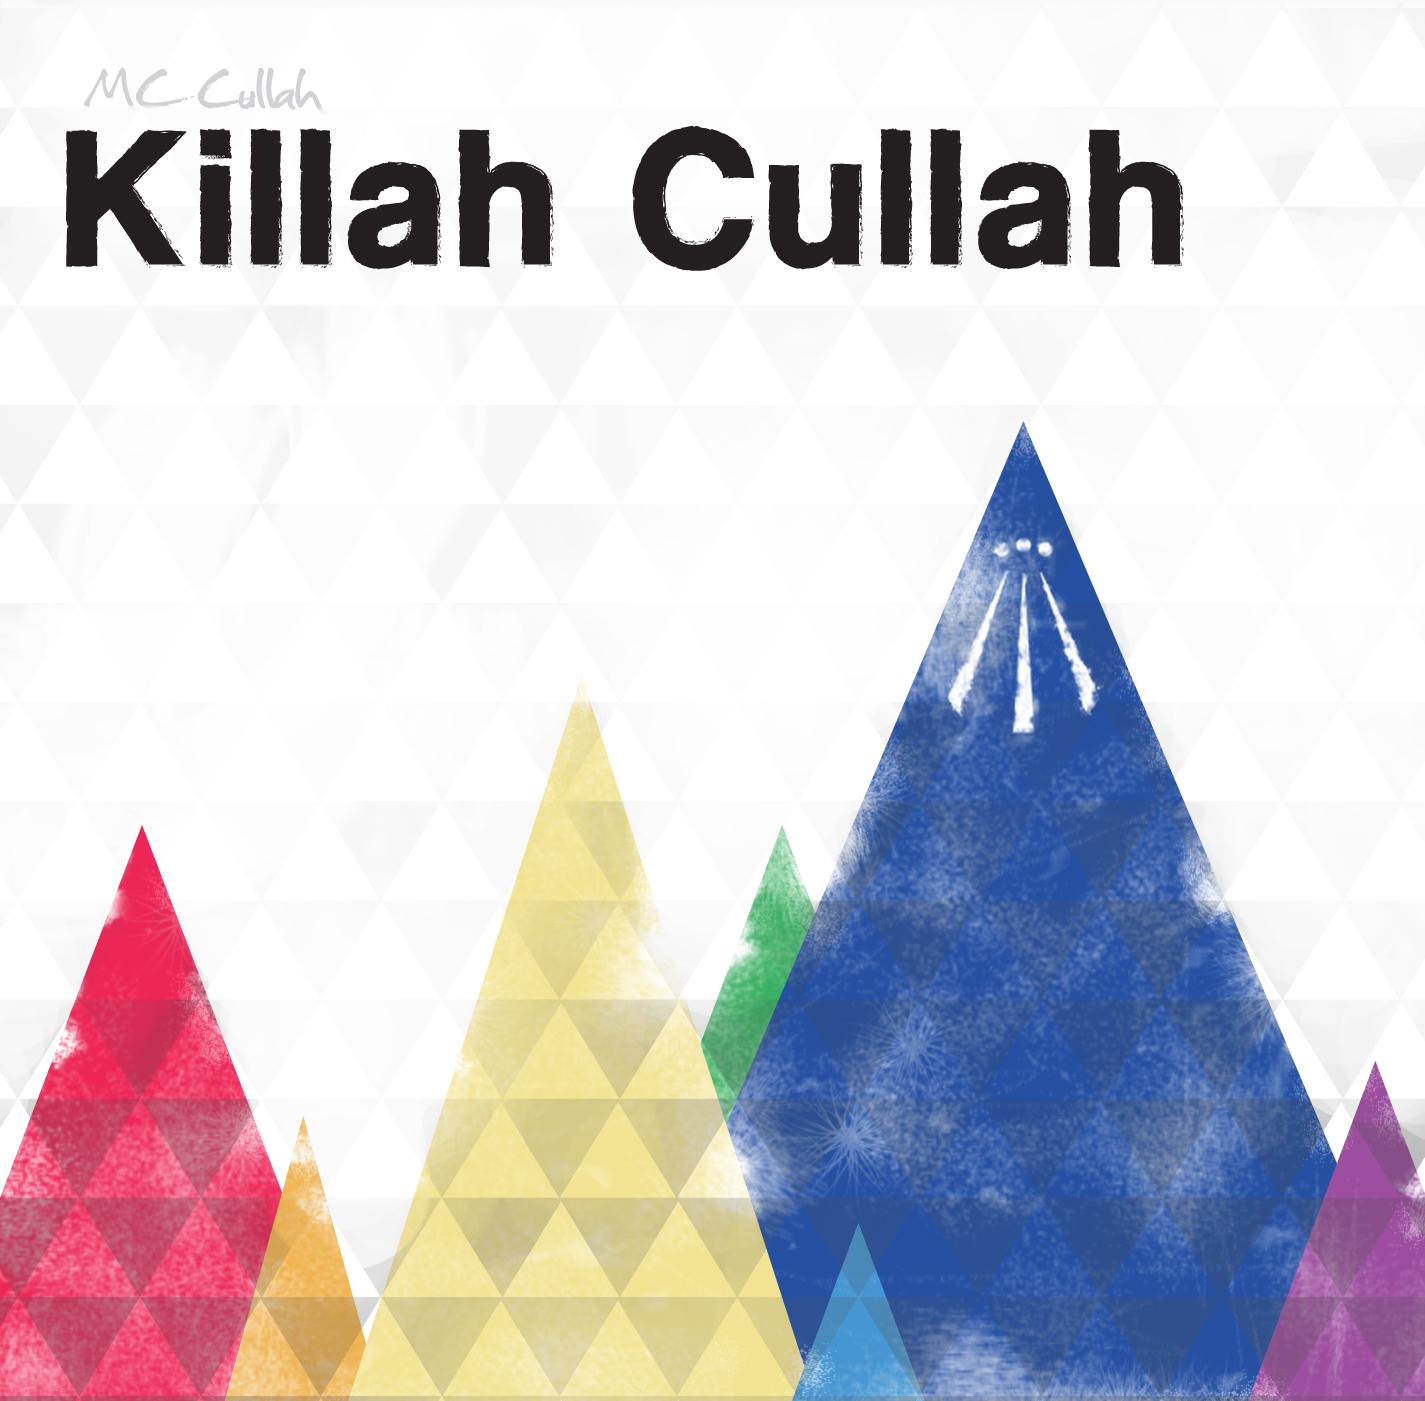 Killah Cullah